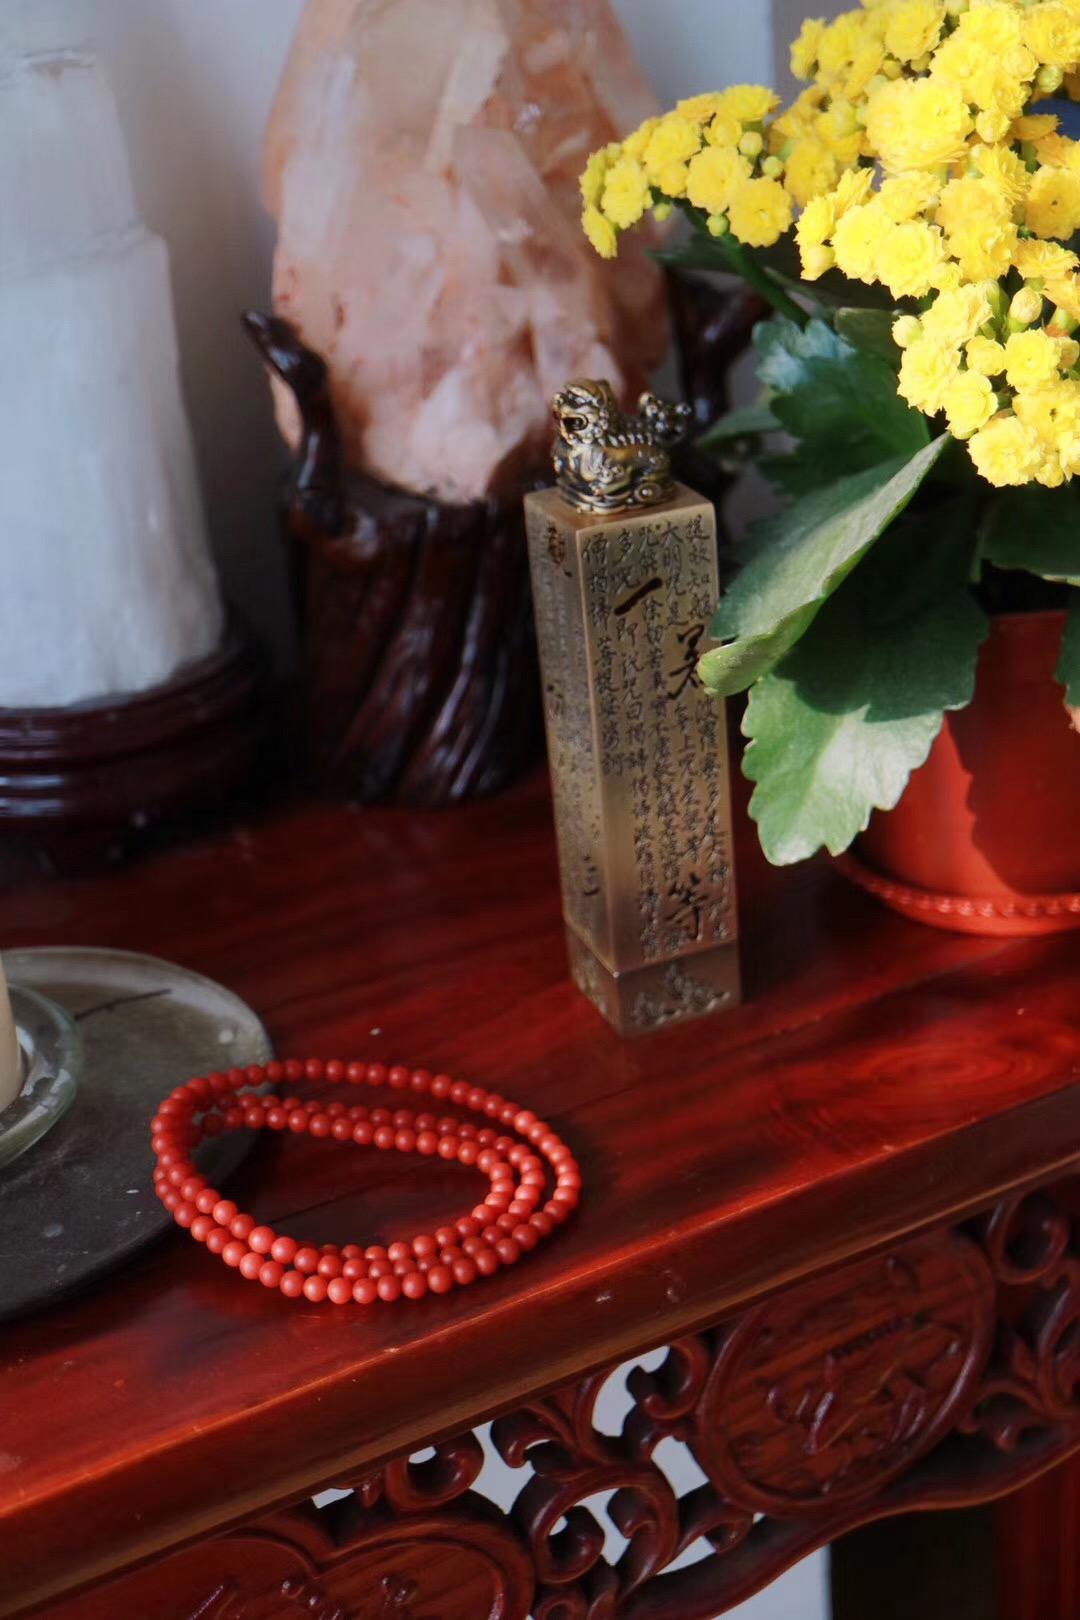 【菩心 | 保山南红】南红,有着独特魅力的红色-菩心晶舍